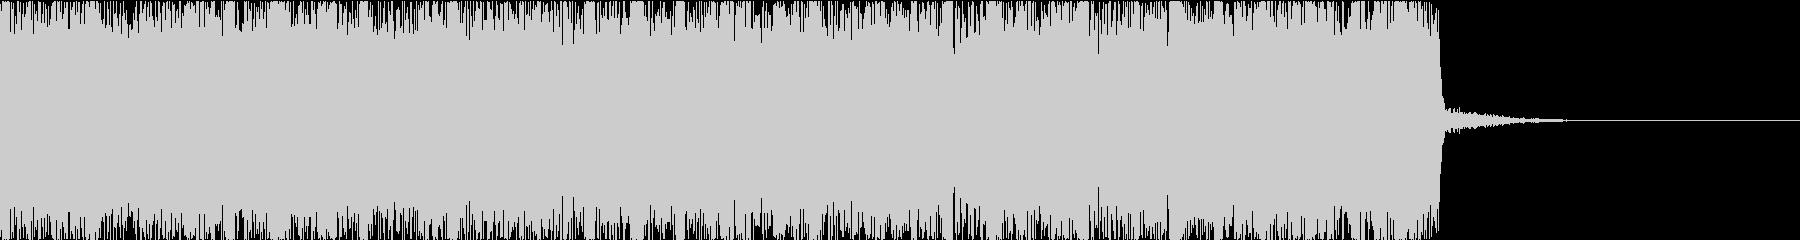 燃えたぎるハードロックメタルのジングルcの未再生の波形